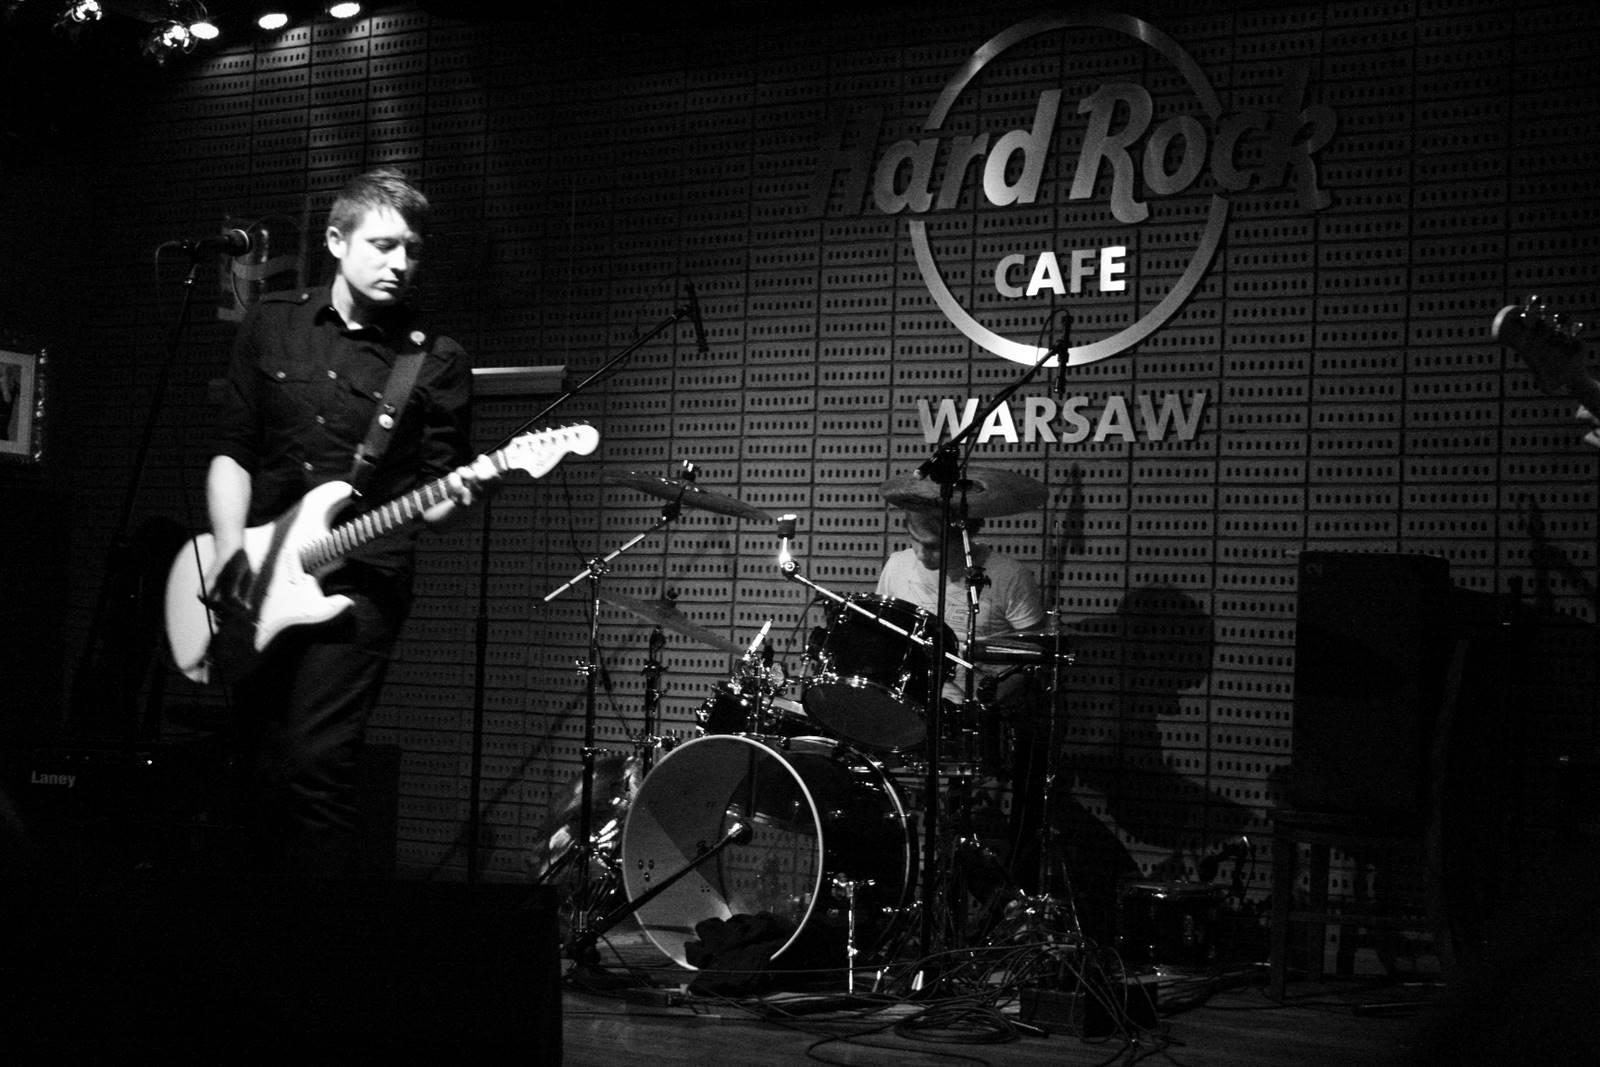 Live at Hard Rock Cafe Warsaw 2008 (photo: Grzegorz Marcinek)